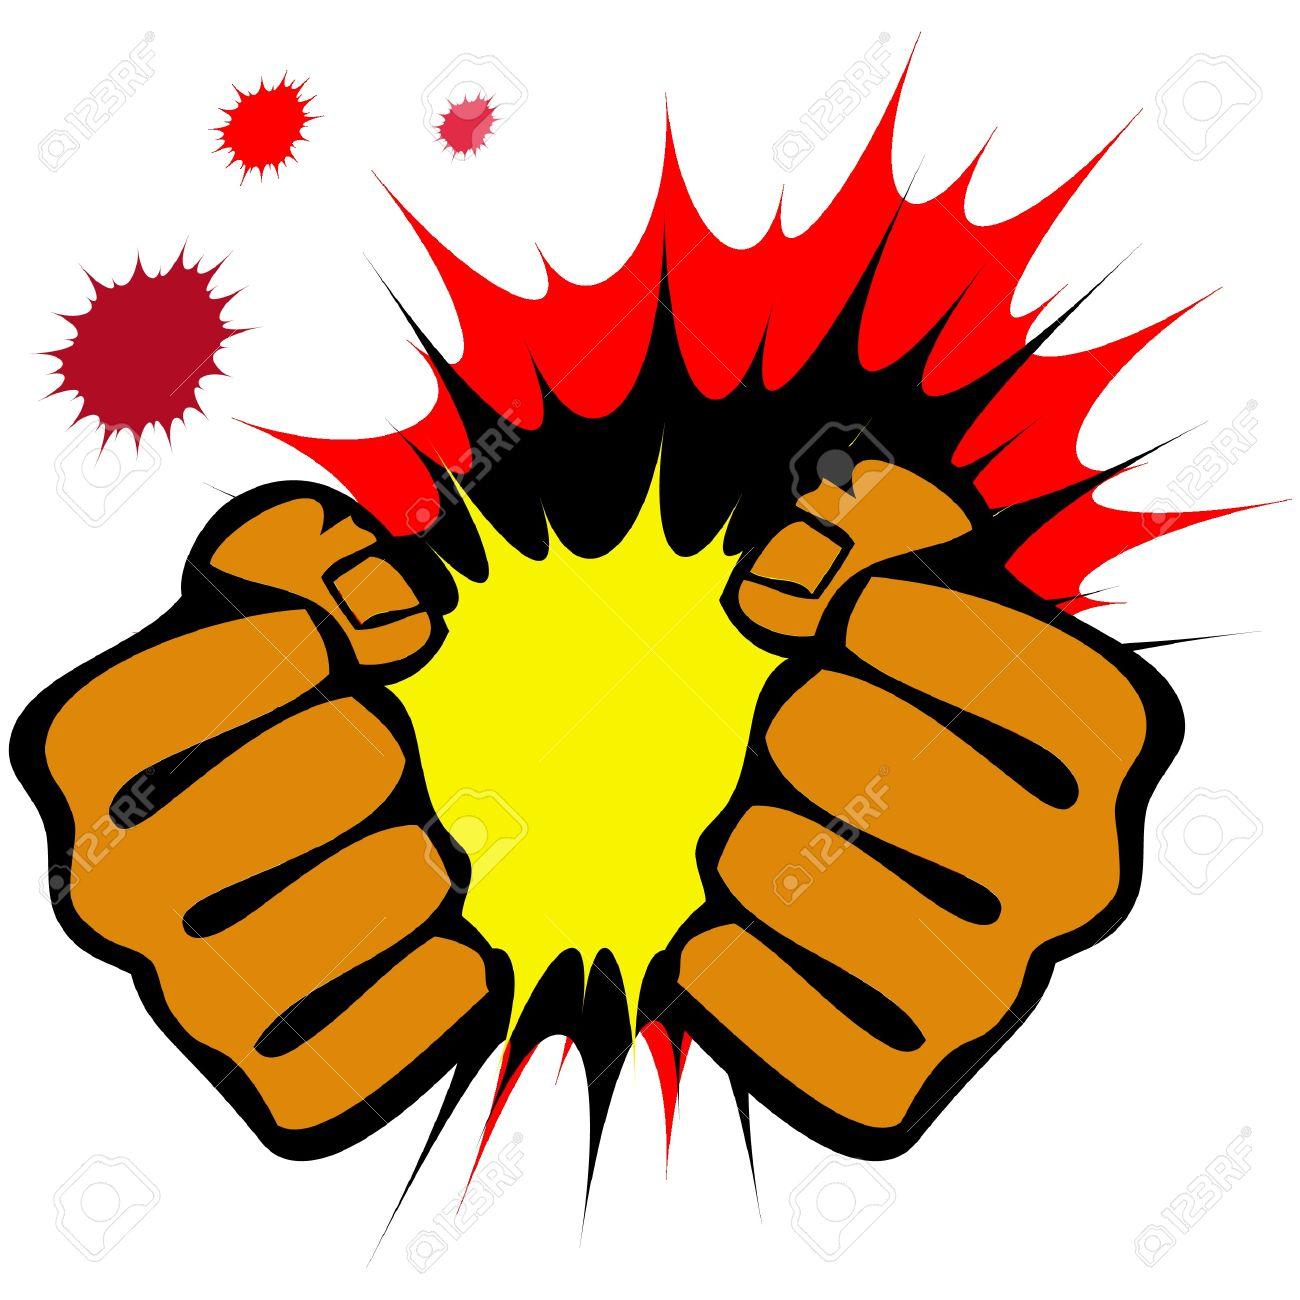 Martial arts fist clipart.